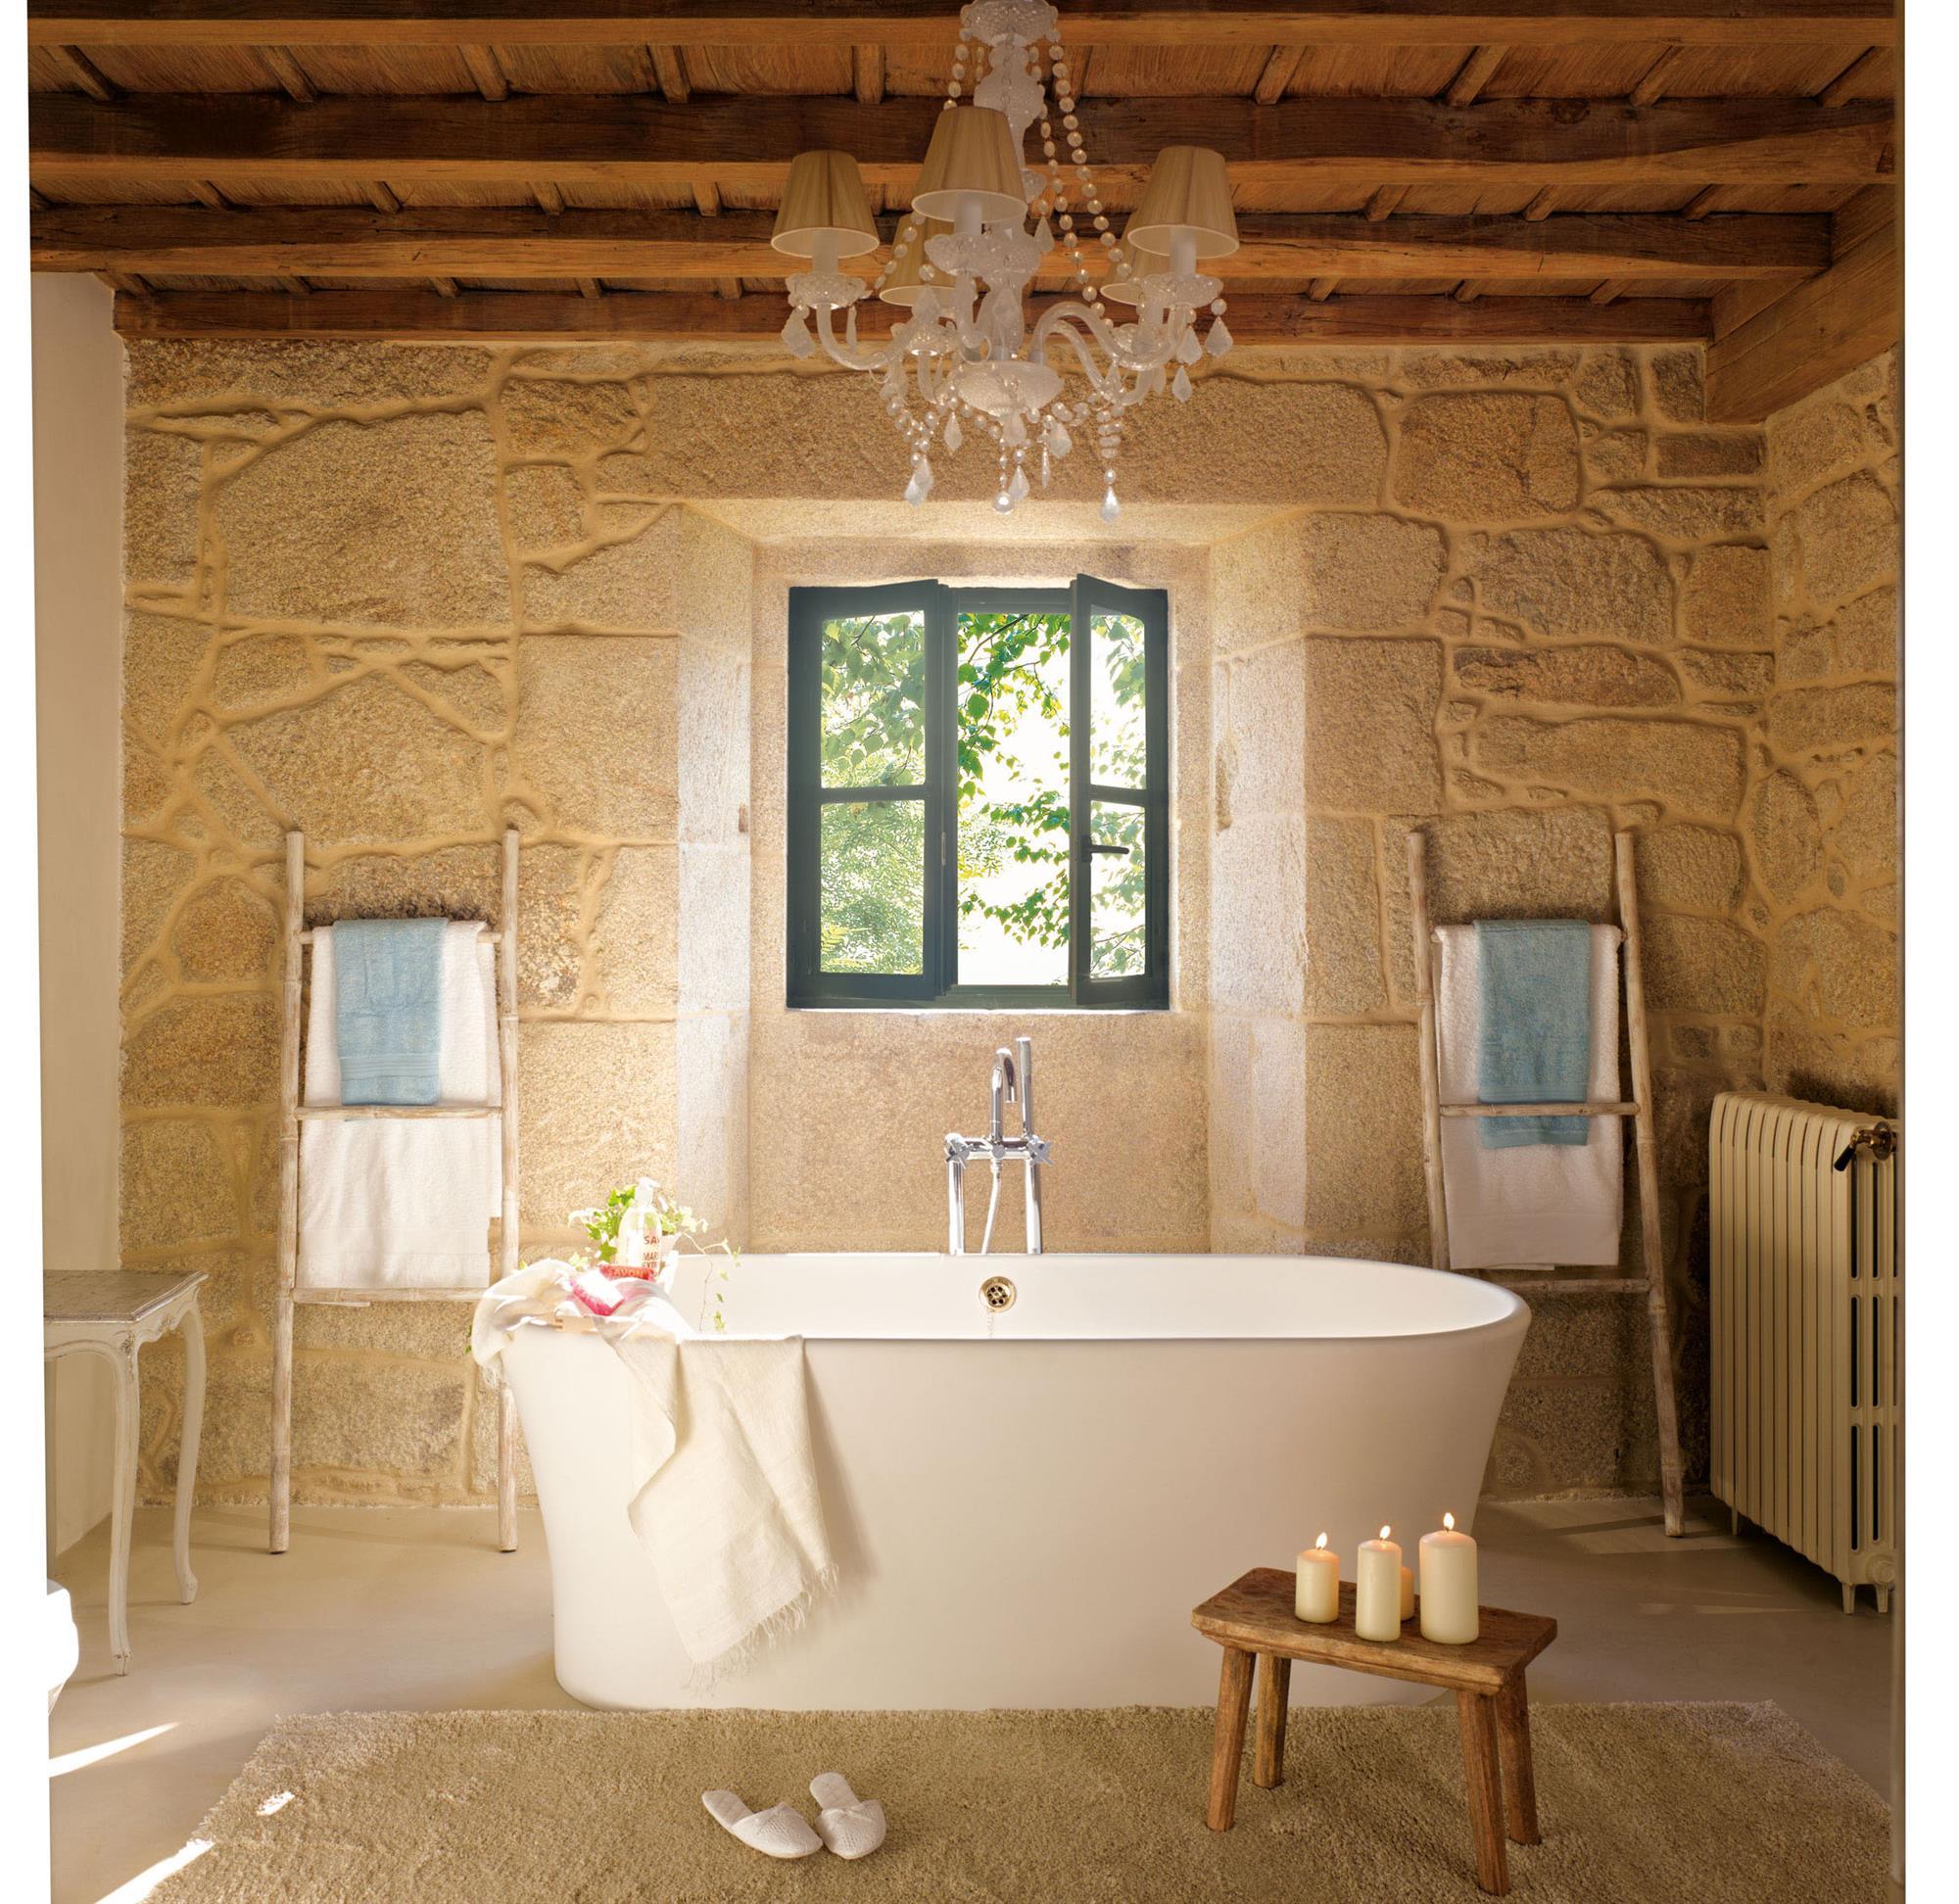 Fotos de ba eras funcionales y decorativas - Banera de bano ...